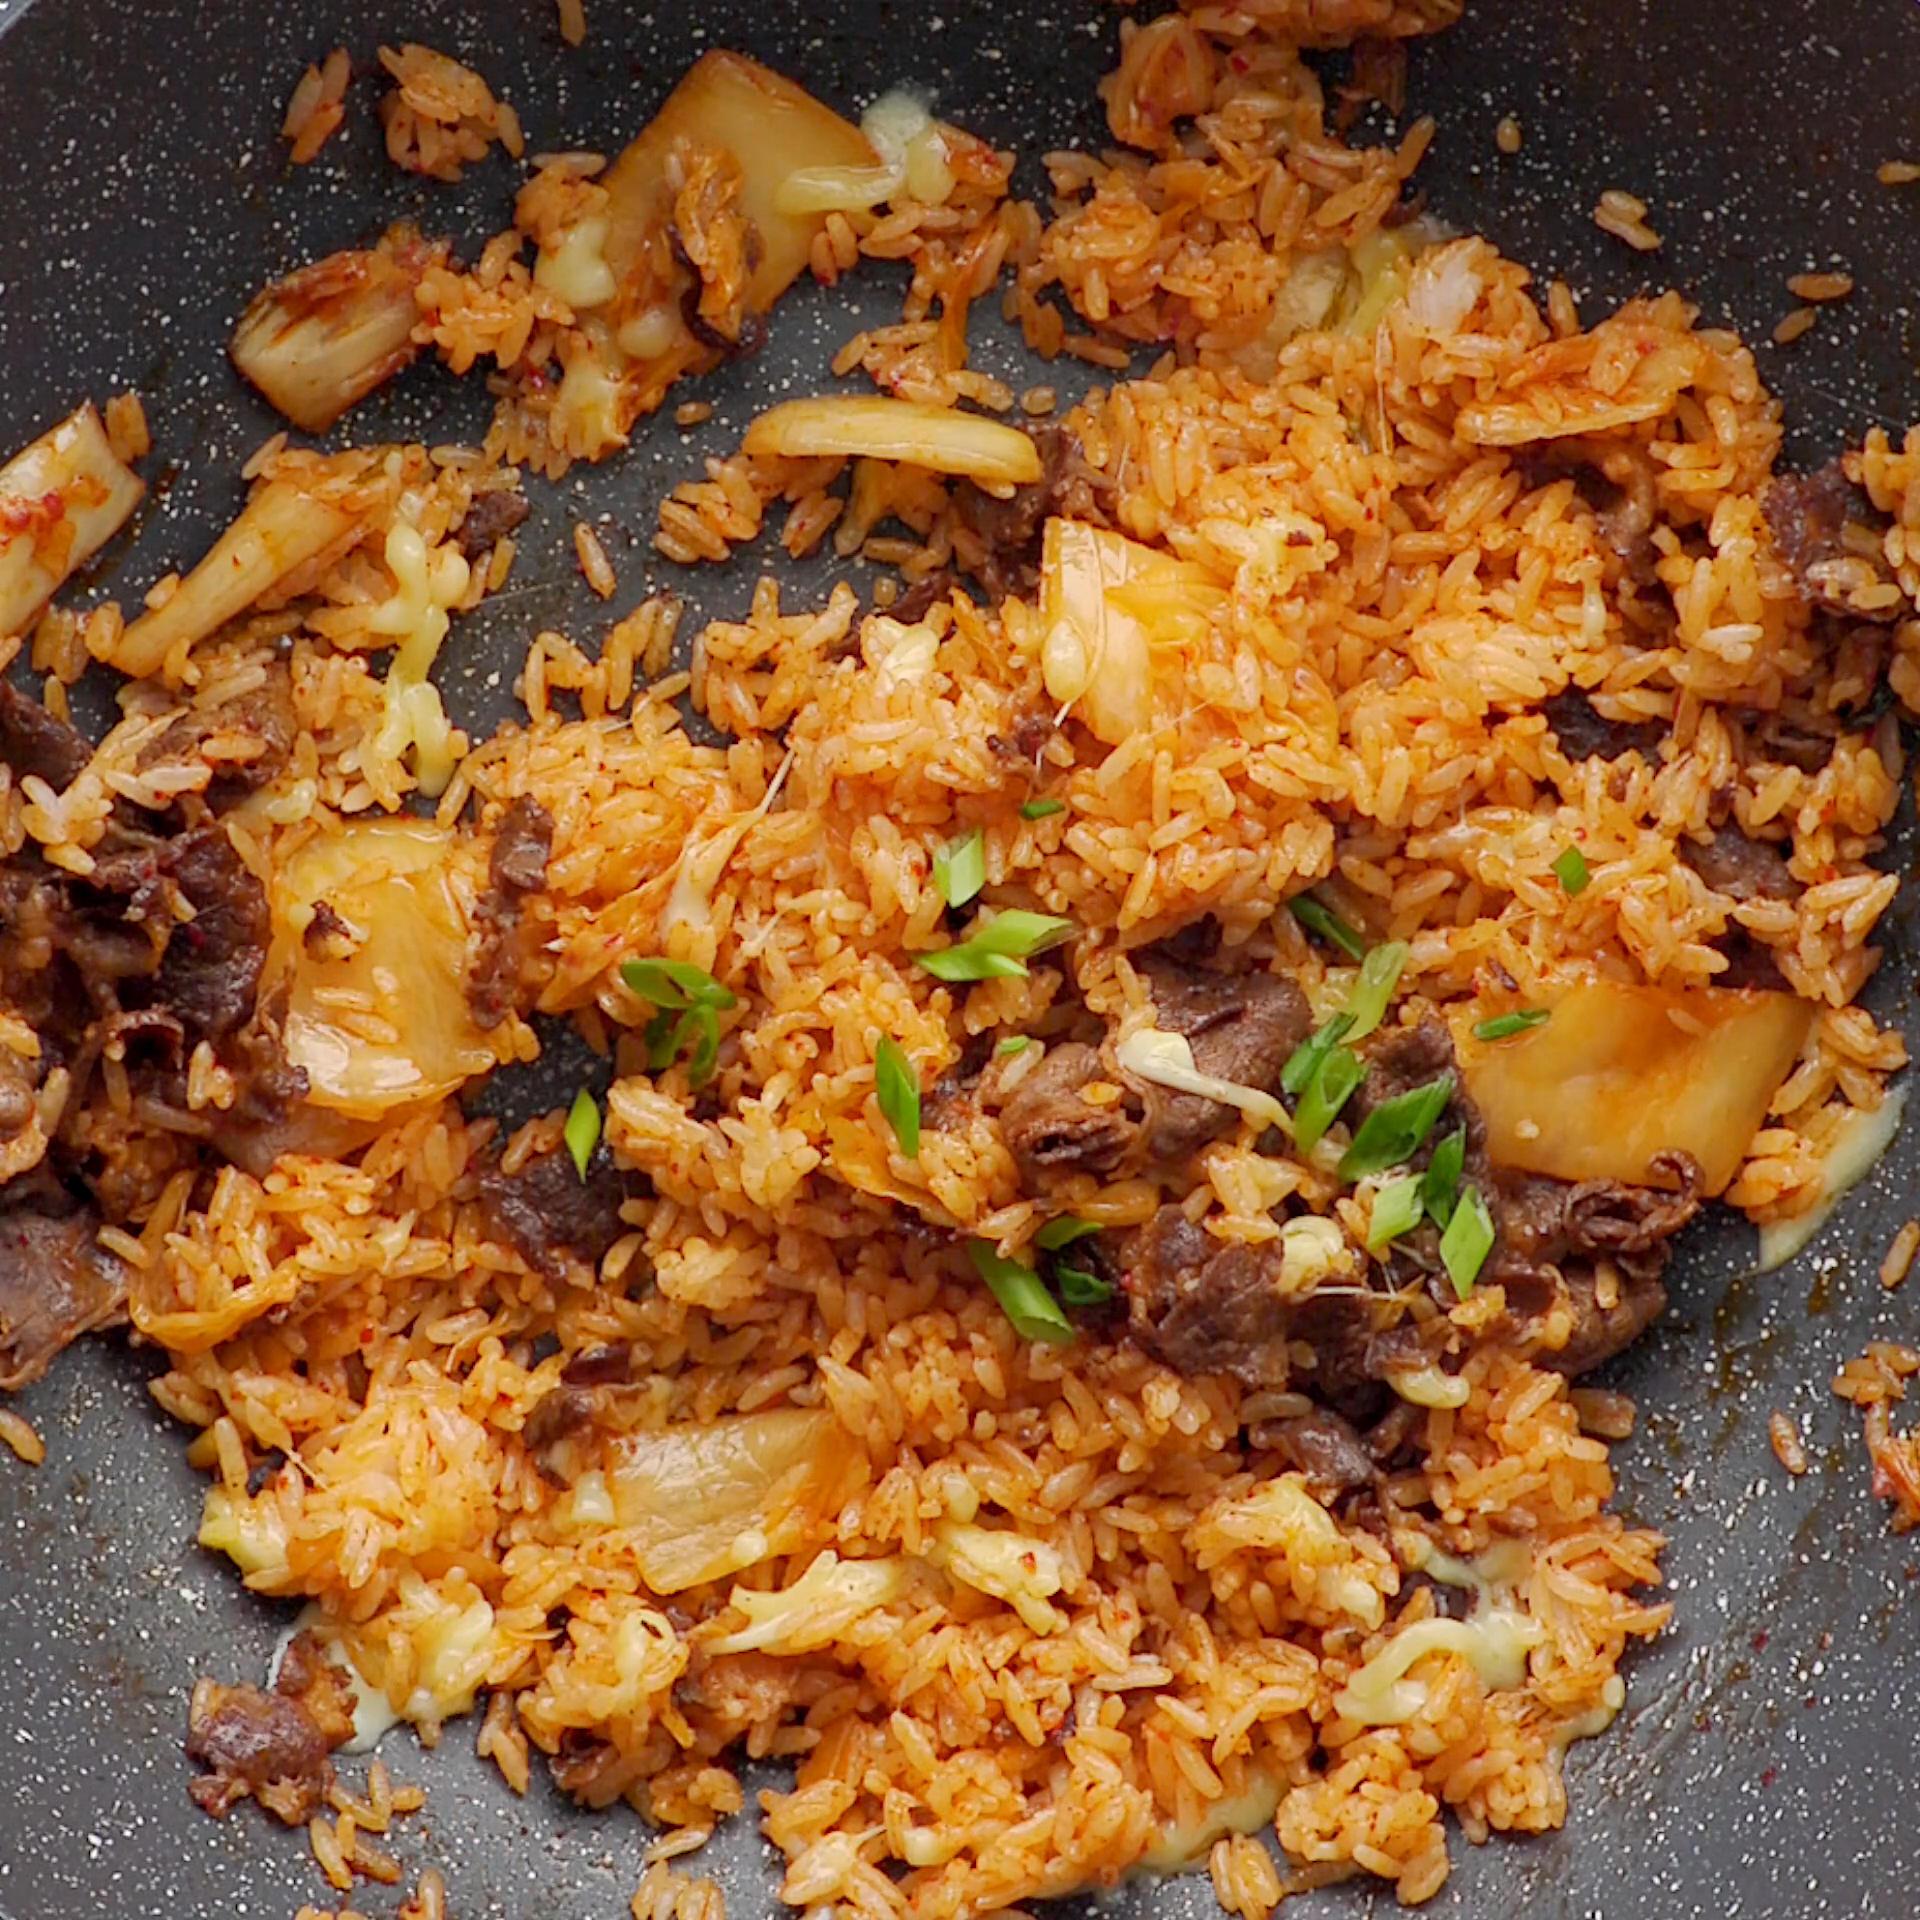 泡菜肥牛炒饭的做法 步骤5